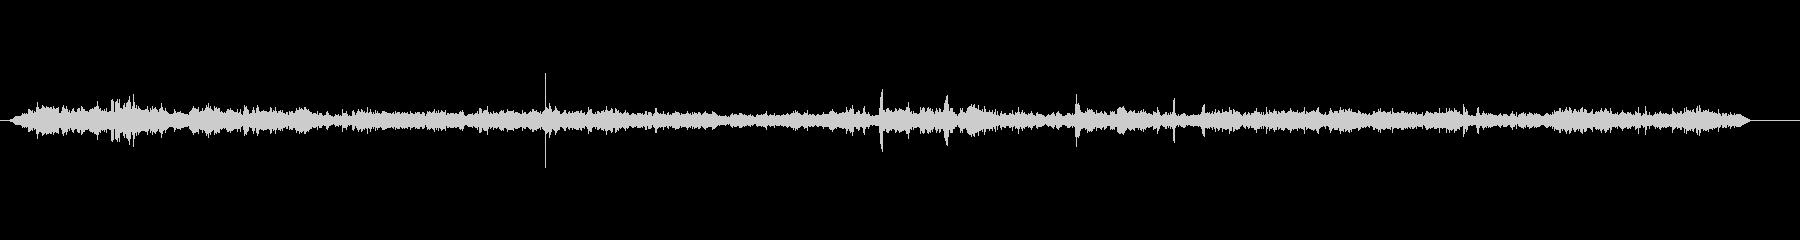 シネマロビー-声の未再生の波形